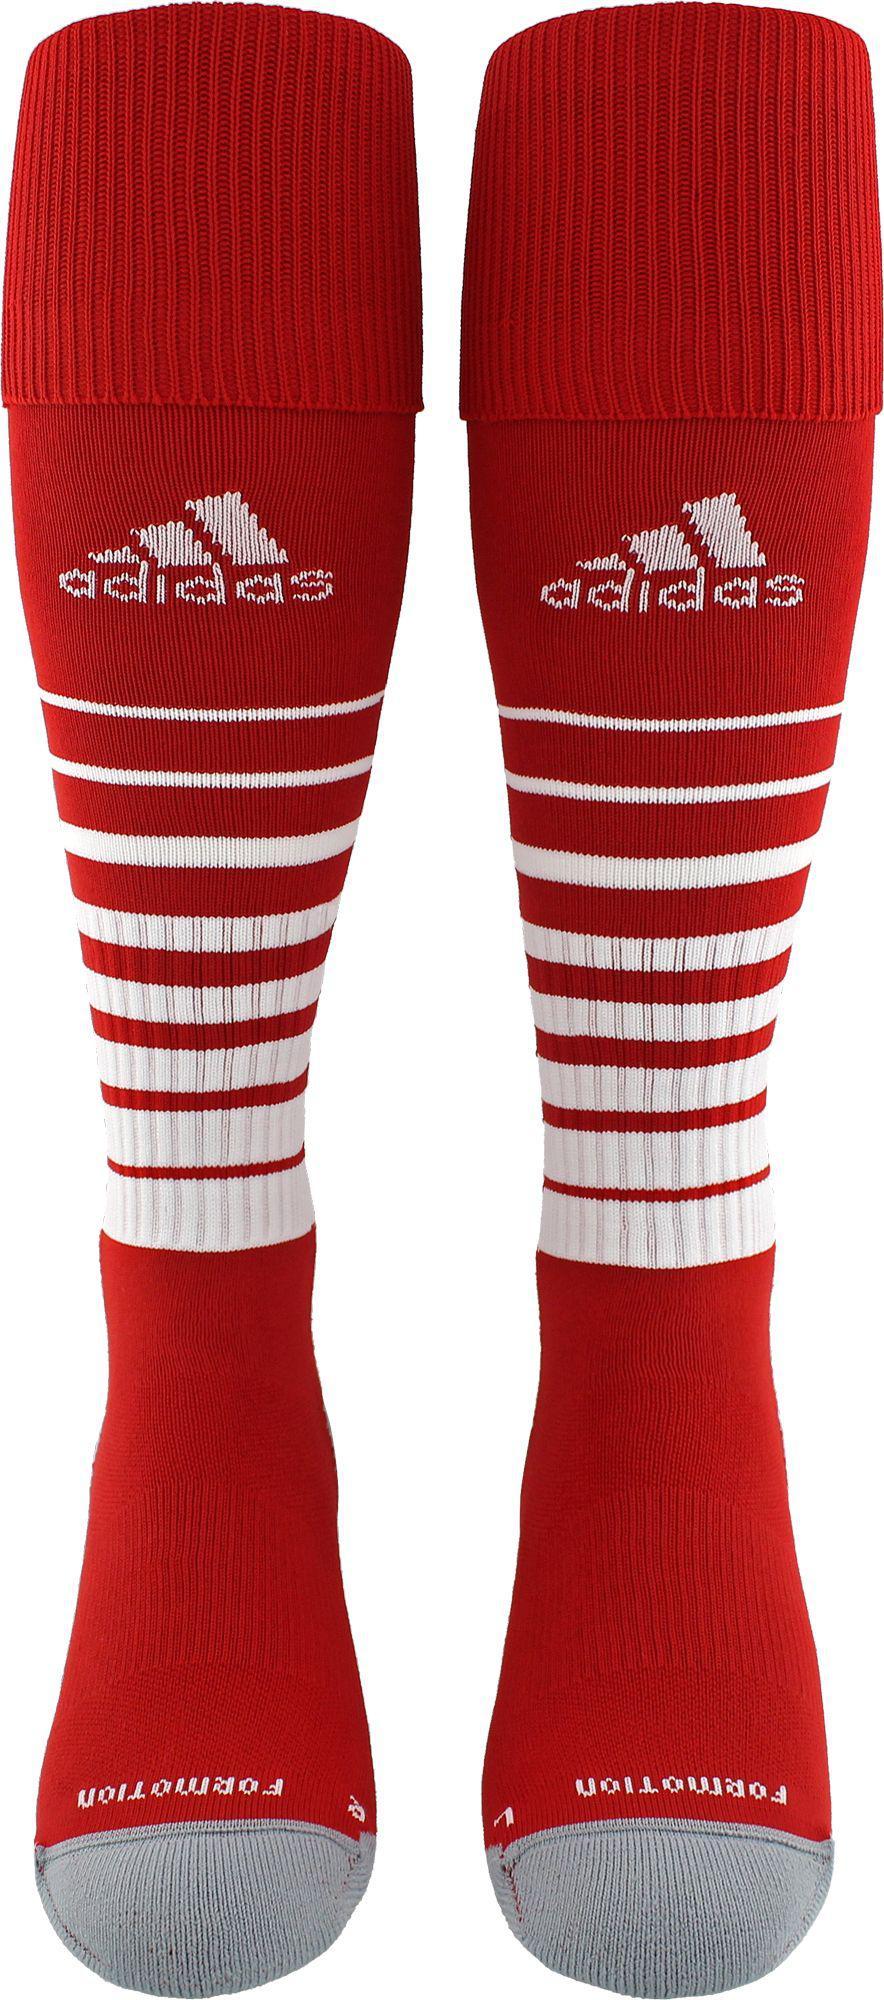 b3fcb4f8dd80 Lyst - adidas Team Speed Soccer Socks in Red for Men